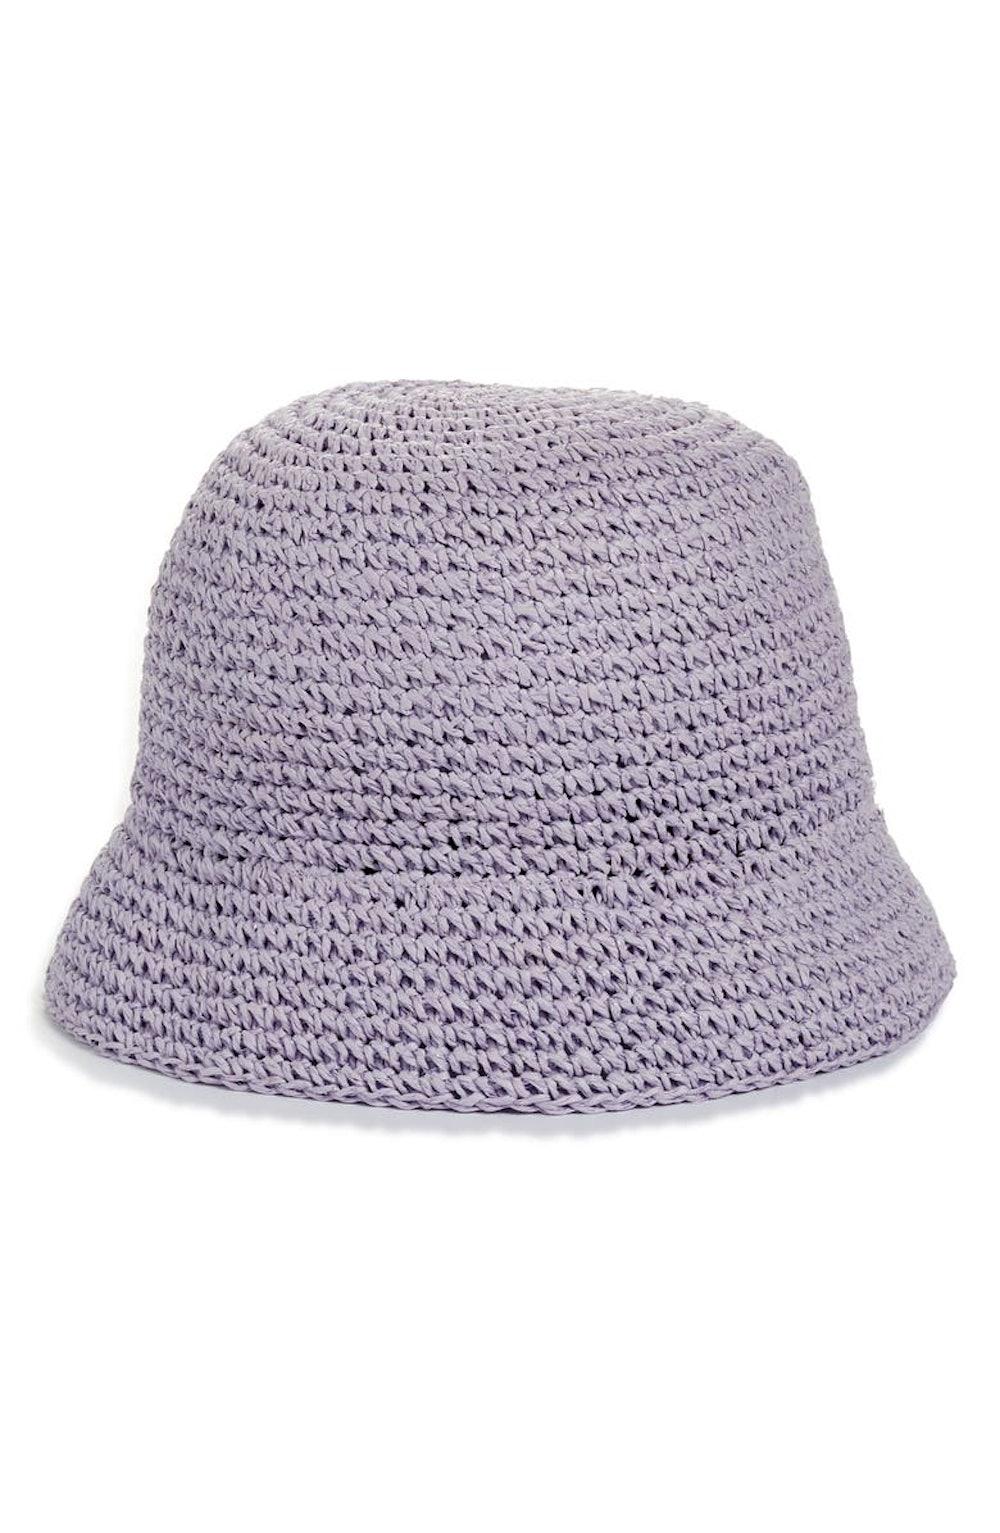 Metallic Crochet Bucket Hat